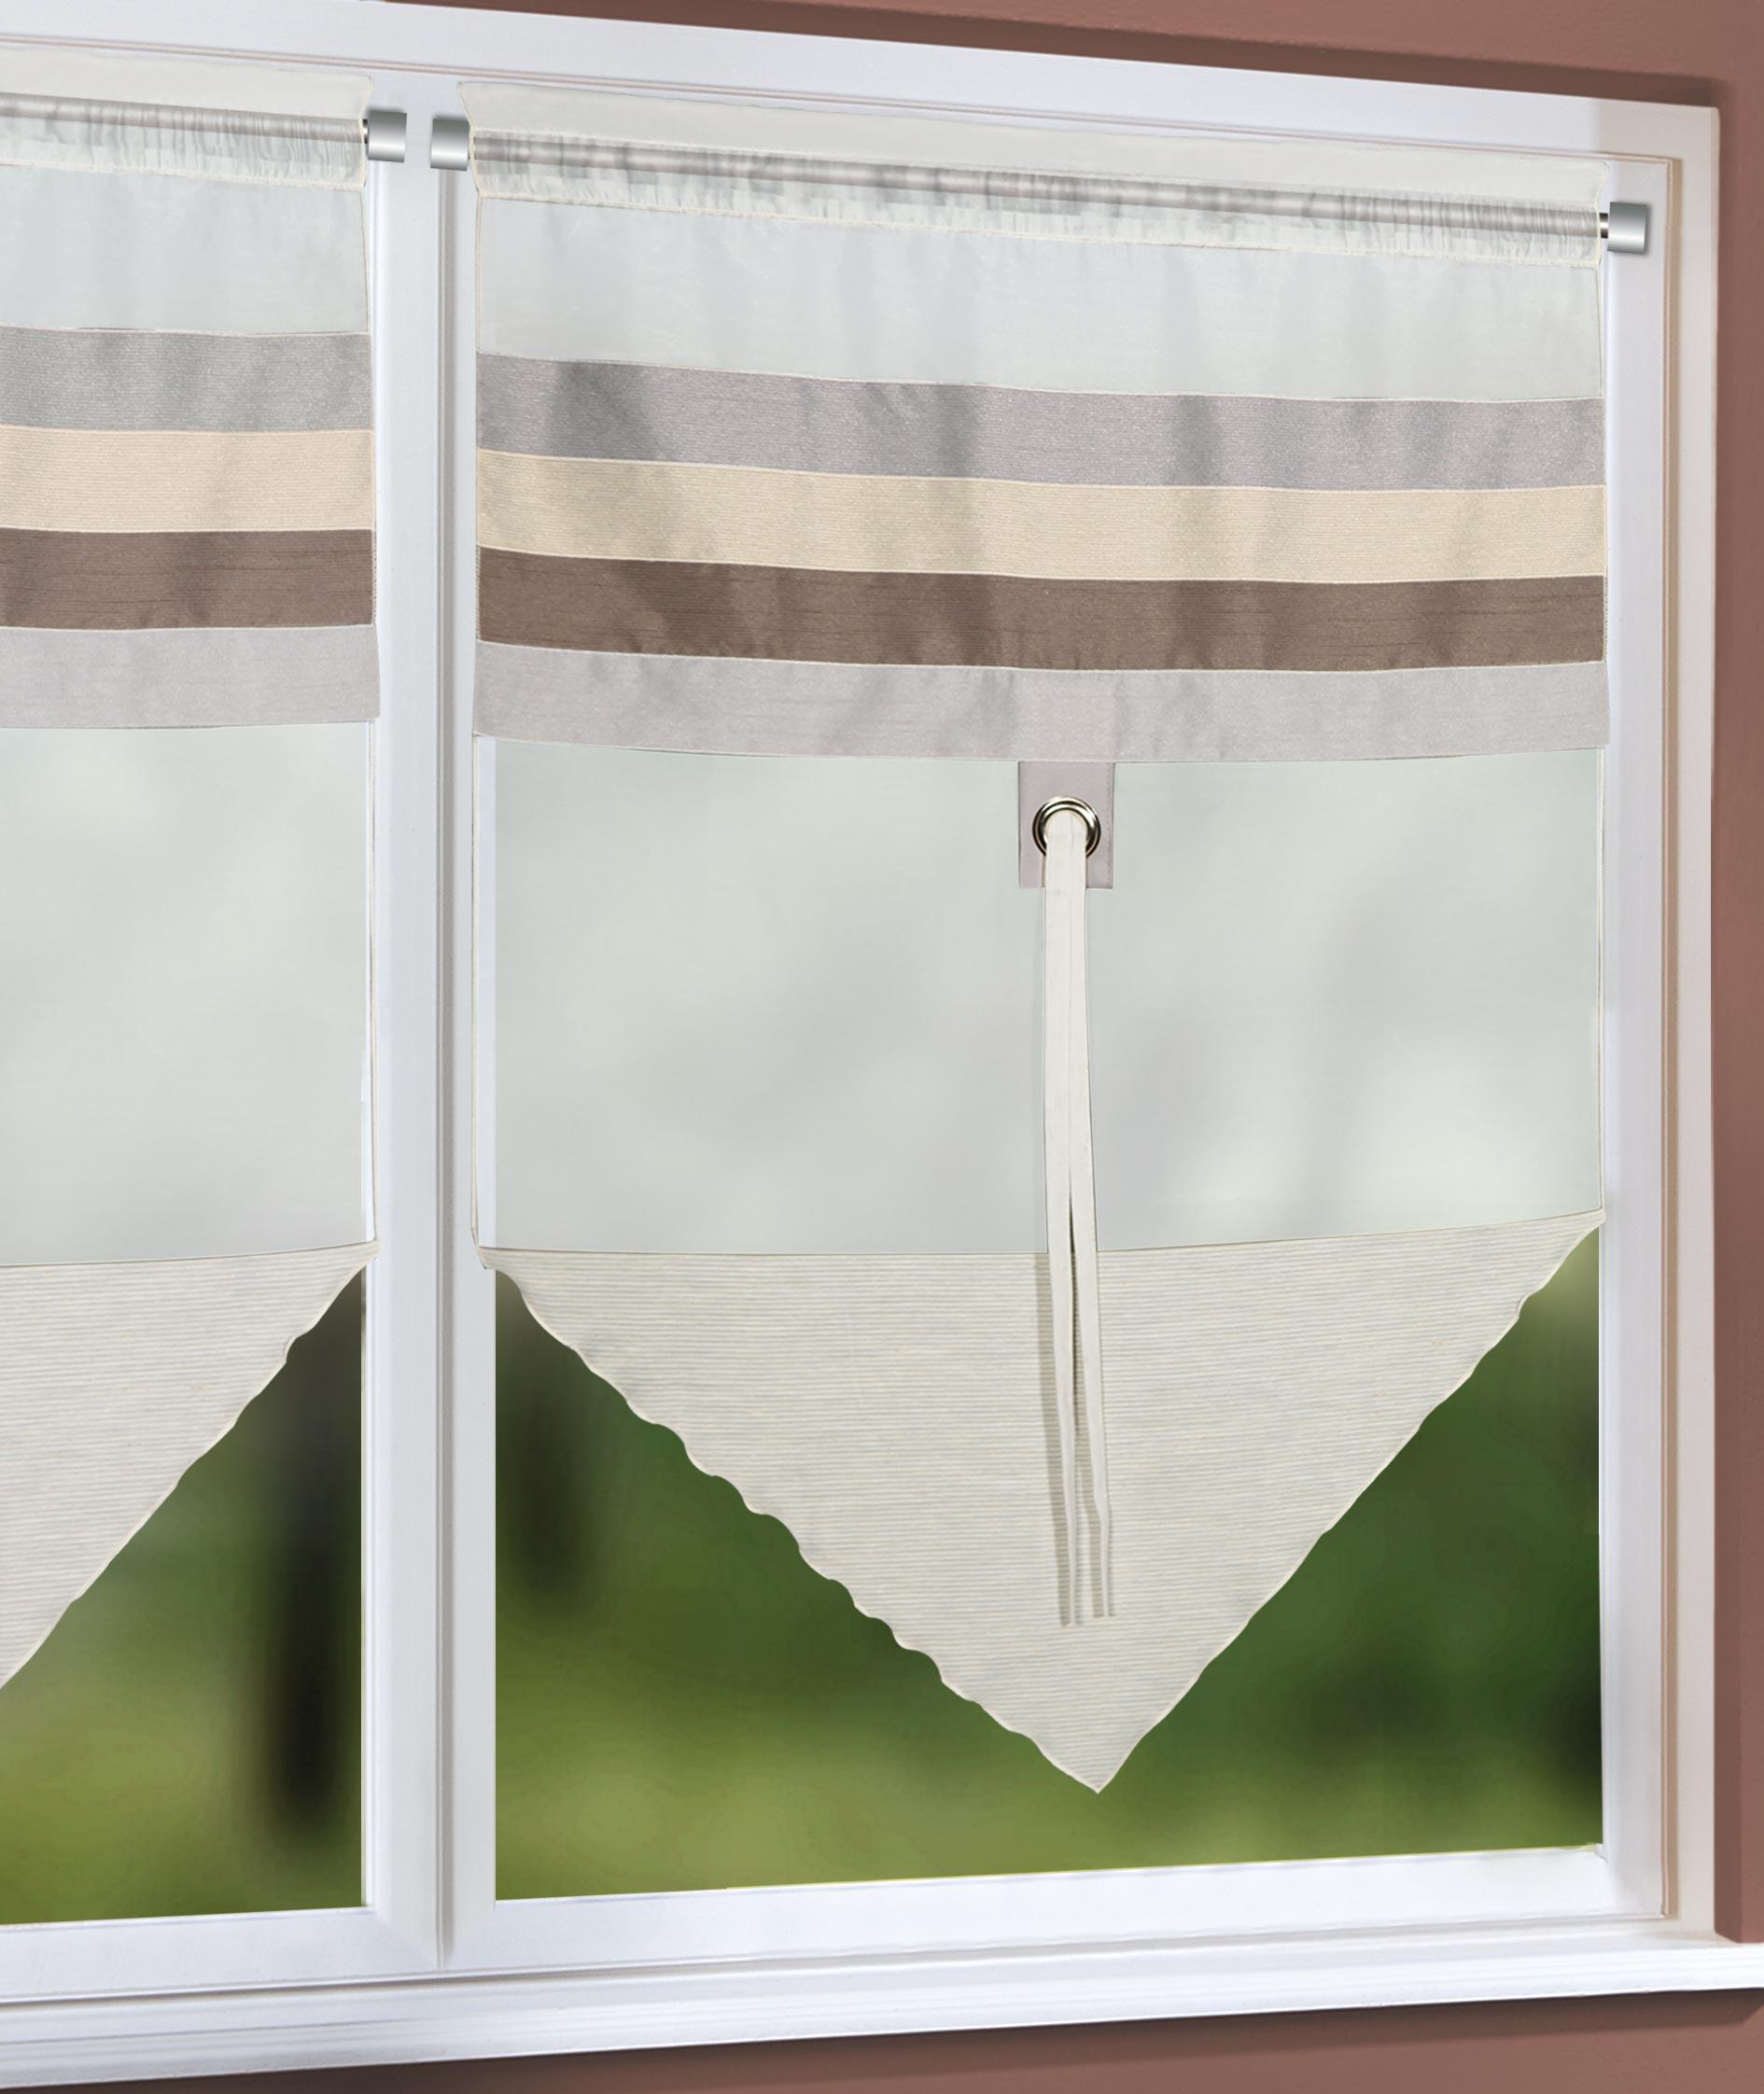 scheibenh nger mit tunnel stangendurchzug n coleta raffrollos fertiggardinen vorh nge. Black Bedroom Furniture Sets. Home Design Ideas